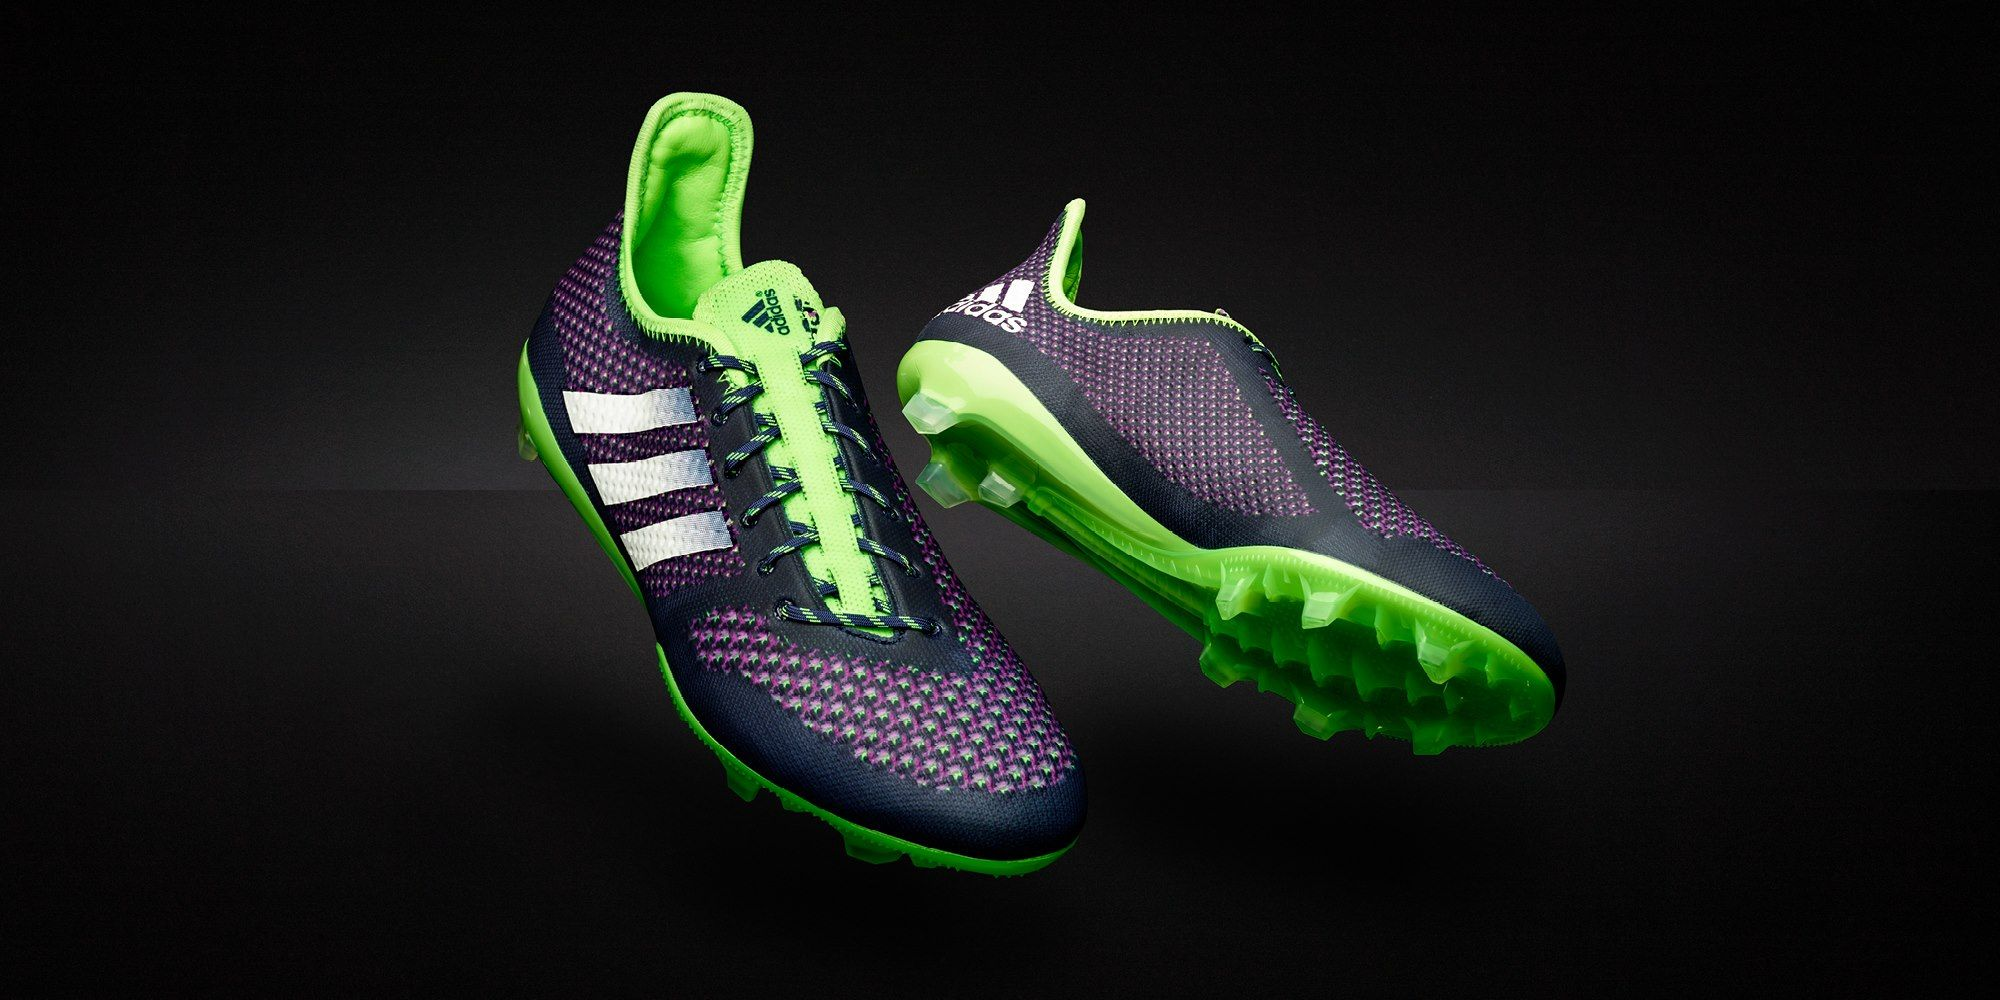 adidas Limited Collection: neuer Primeknit Fußballschuh